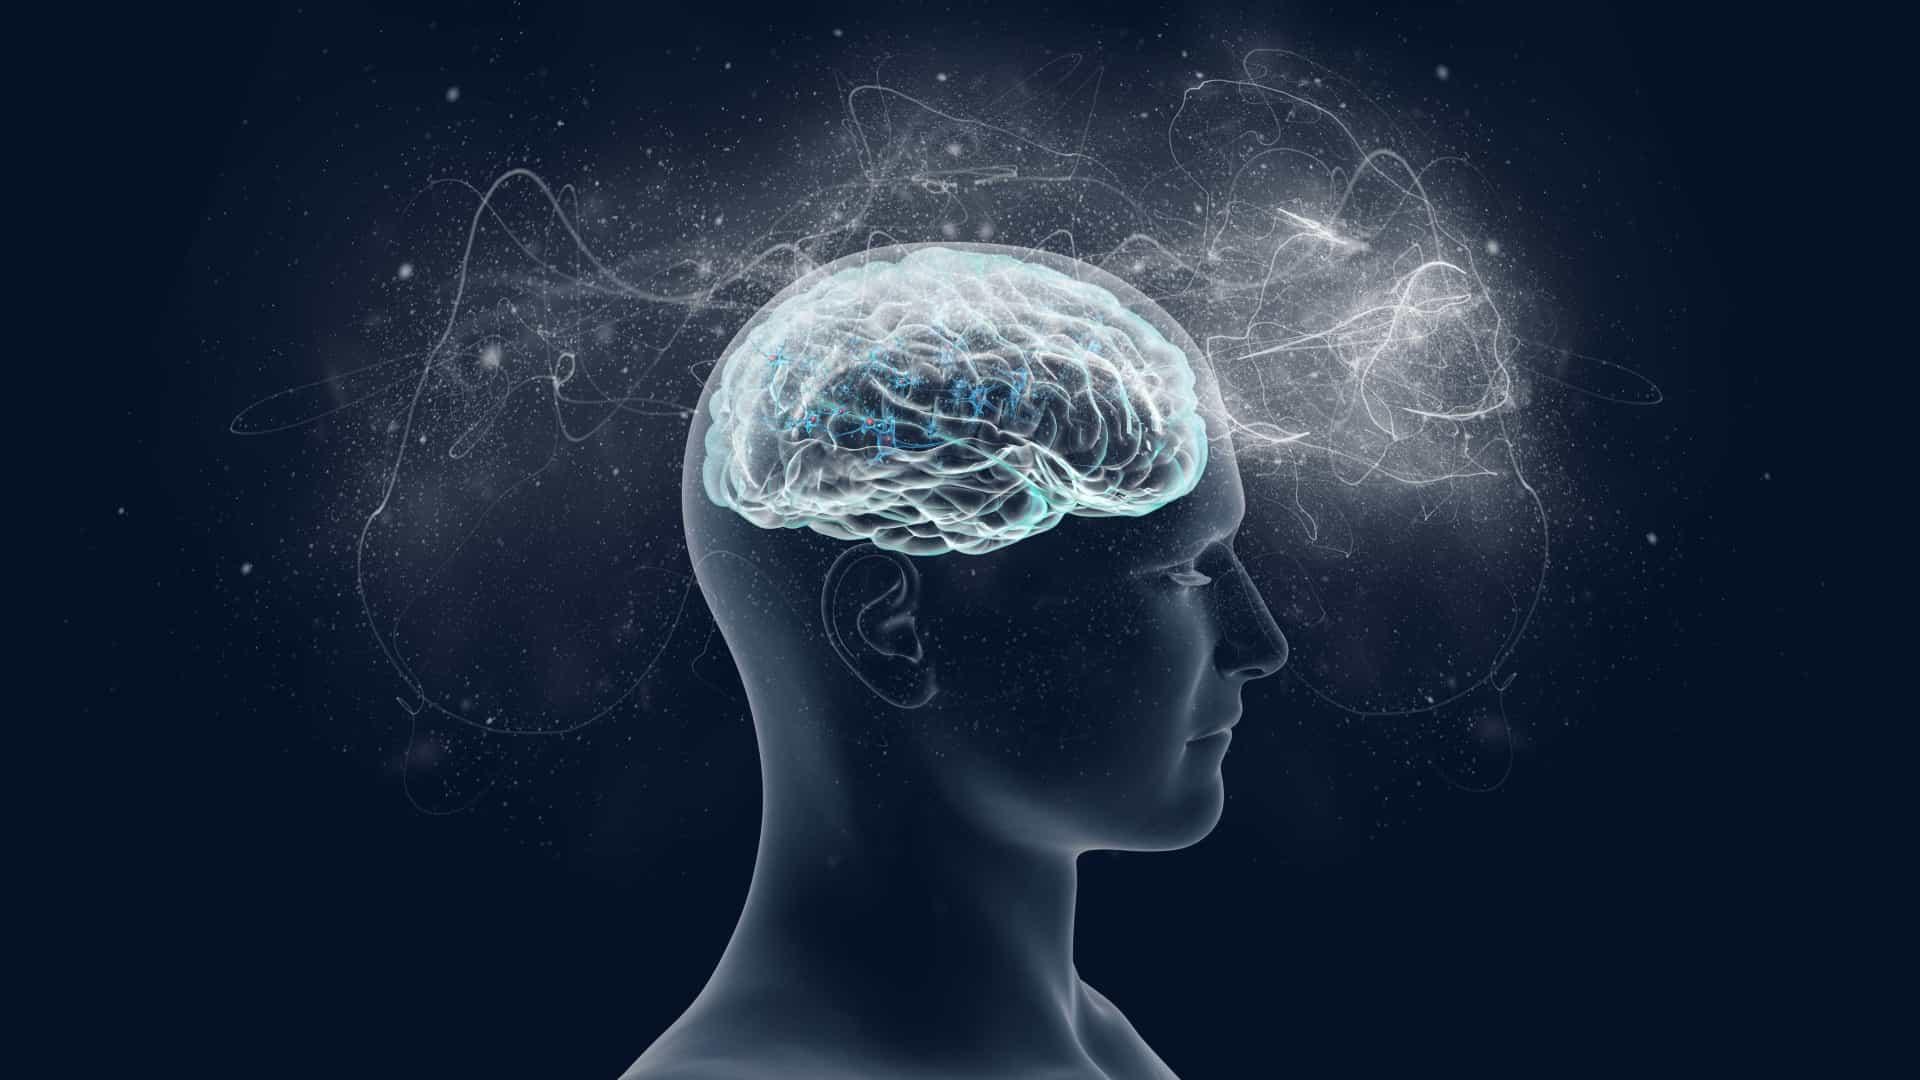 نوروپاتی شنوایی چیست